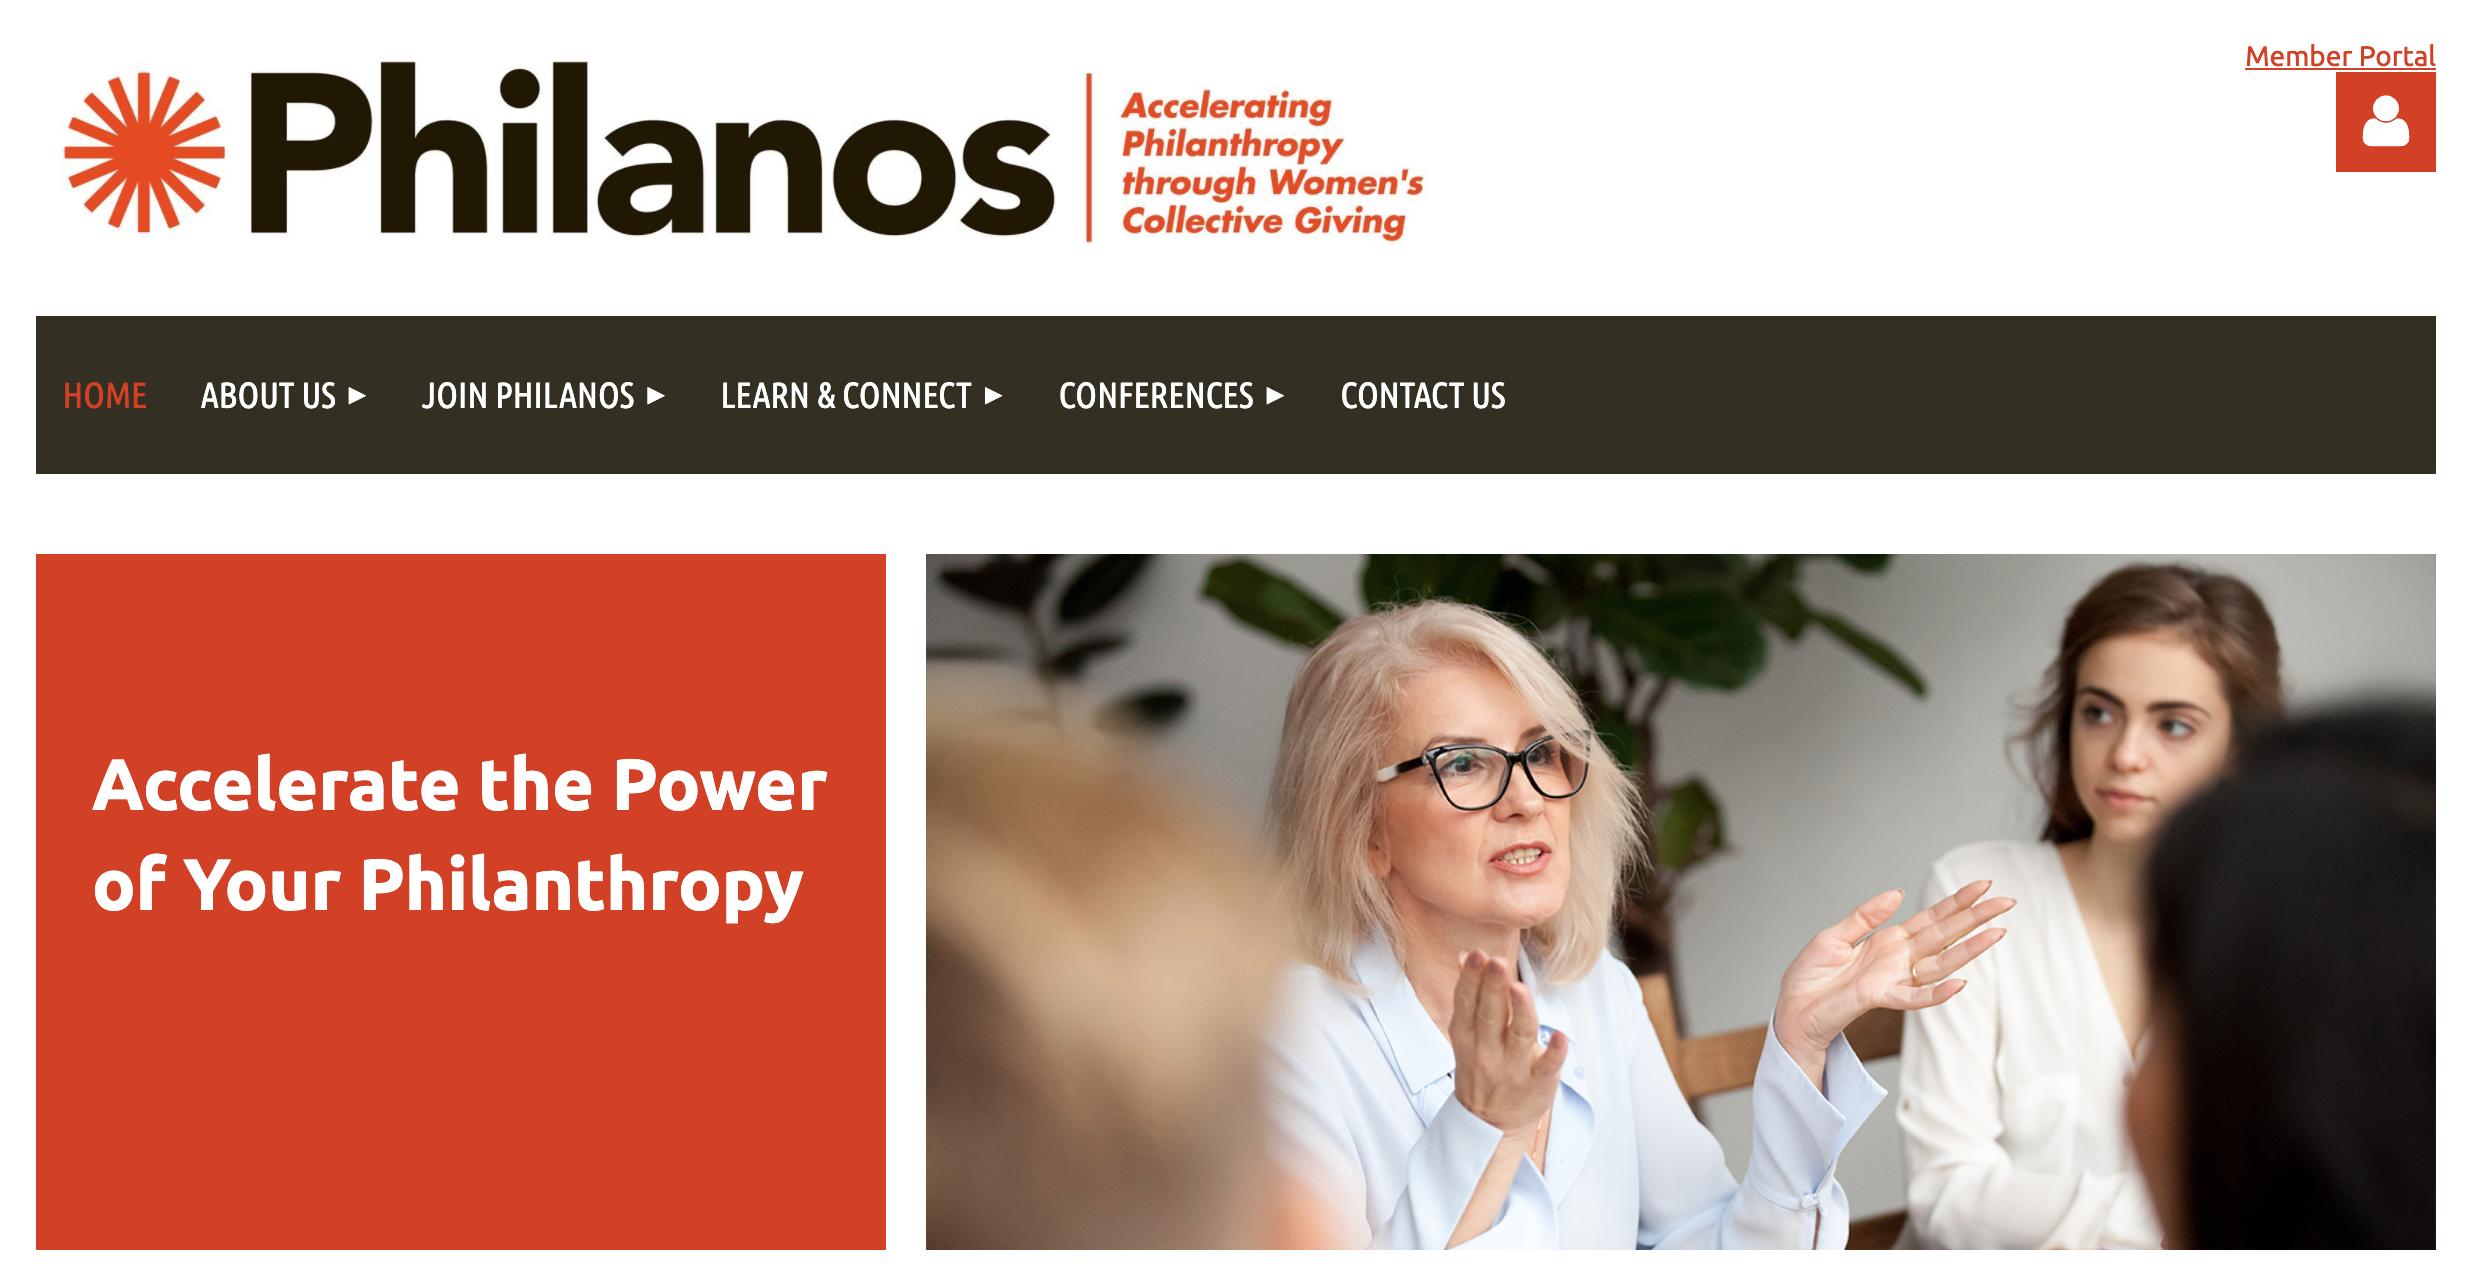 philanos nonprofit website